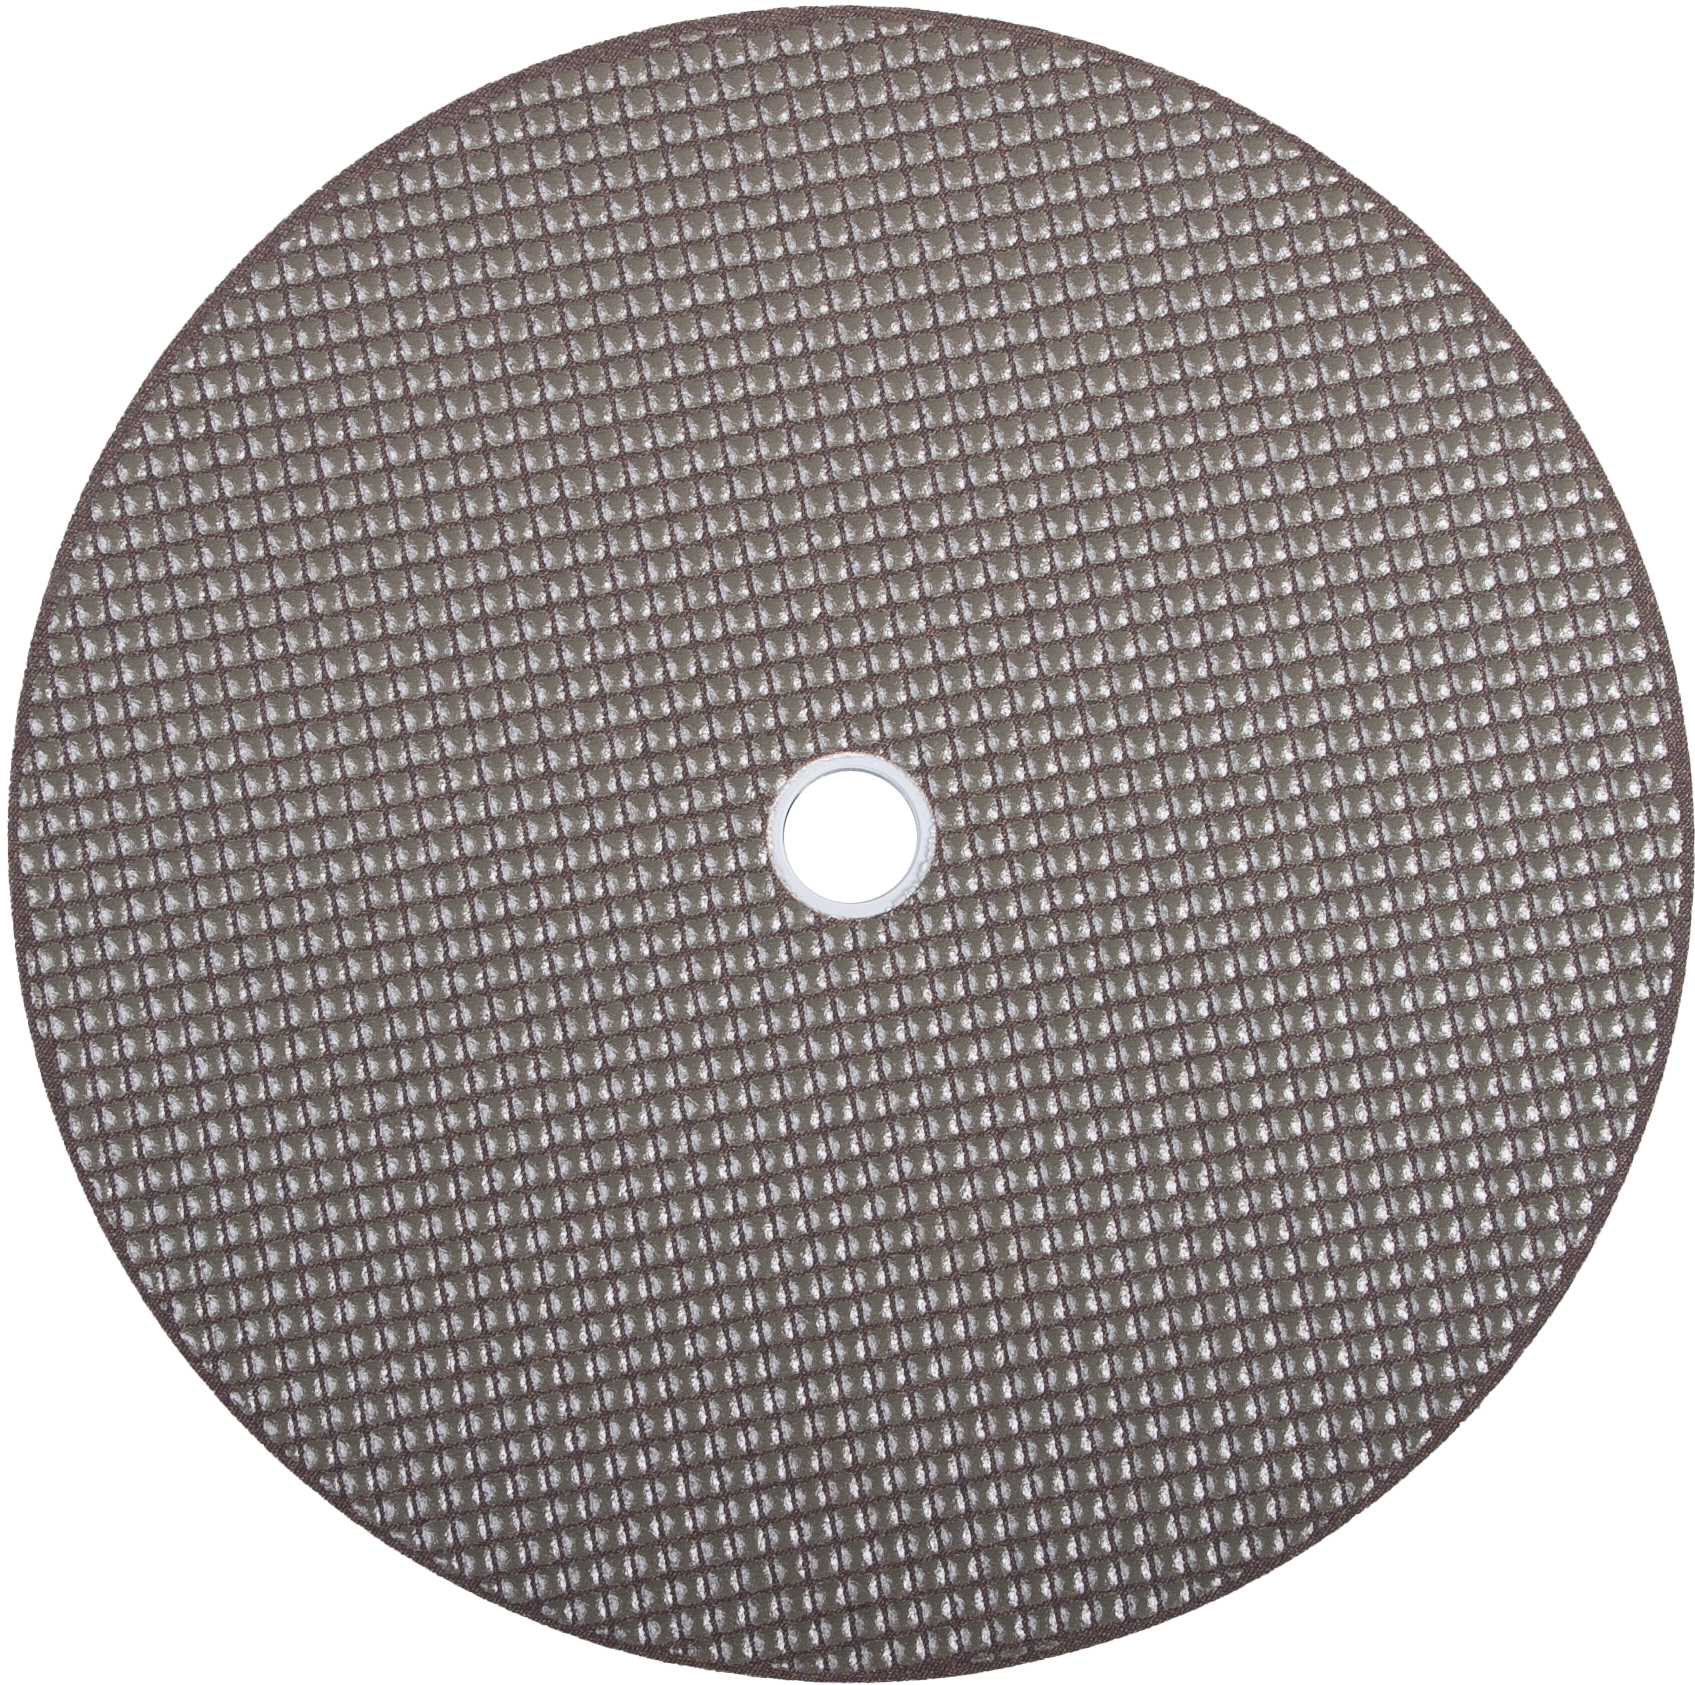 Diamantschleifteller OCTRON ø 250 mm   Klett   Korn 100